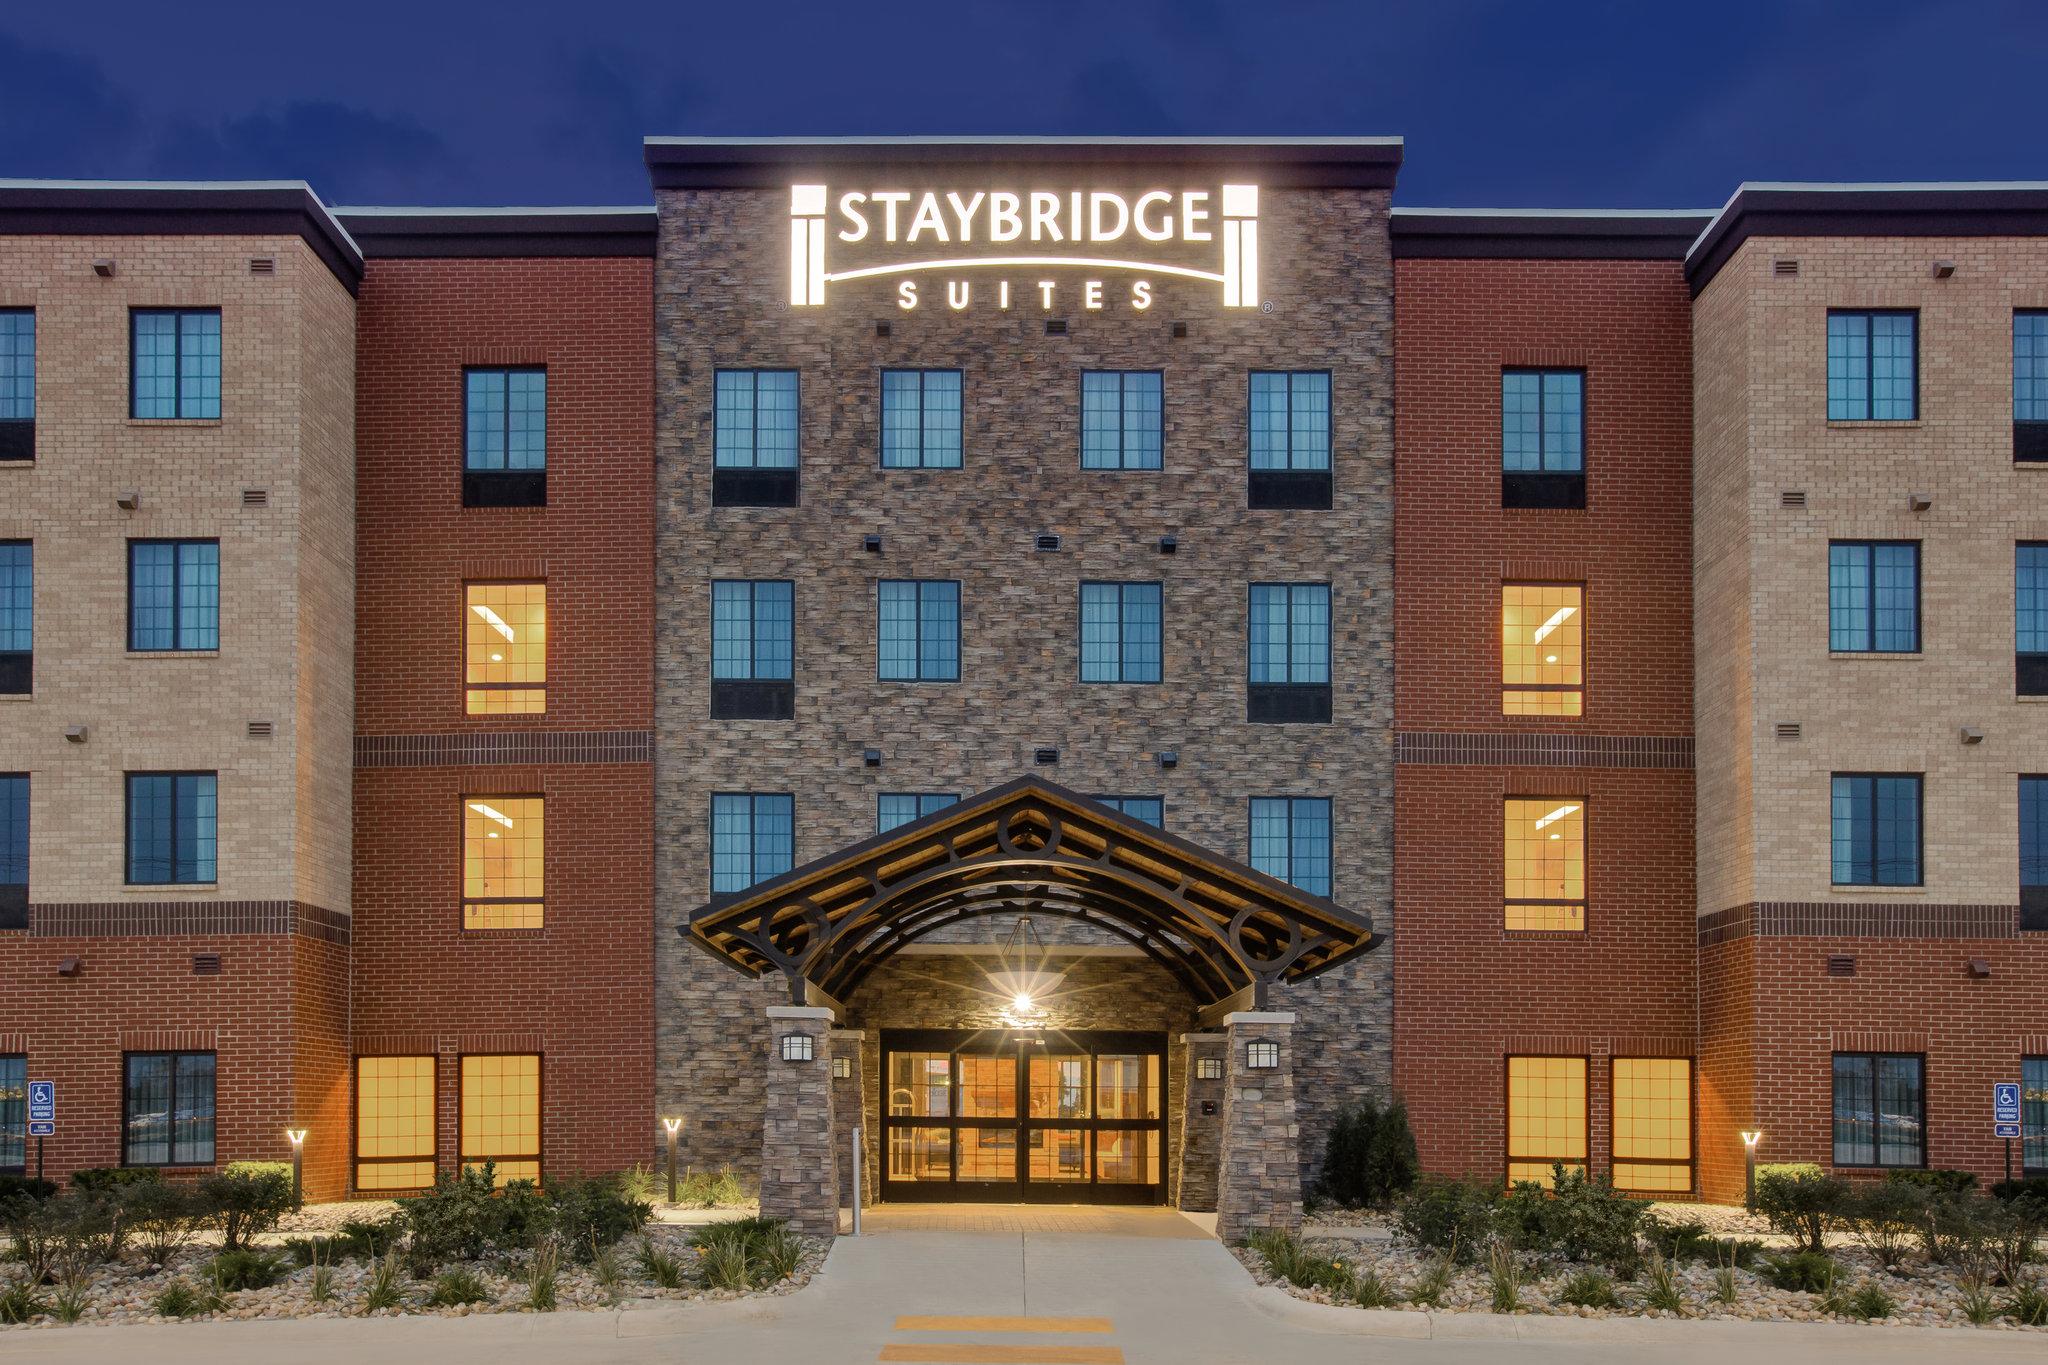 Staybridge Suites Benton Harbor